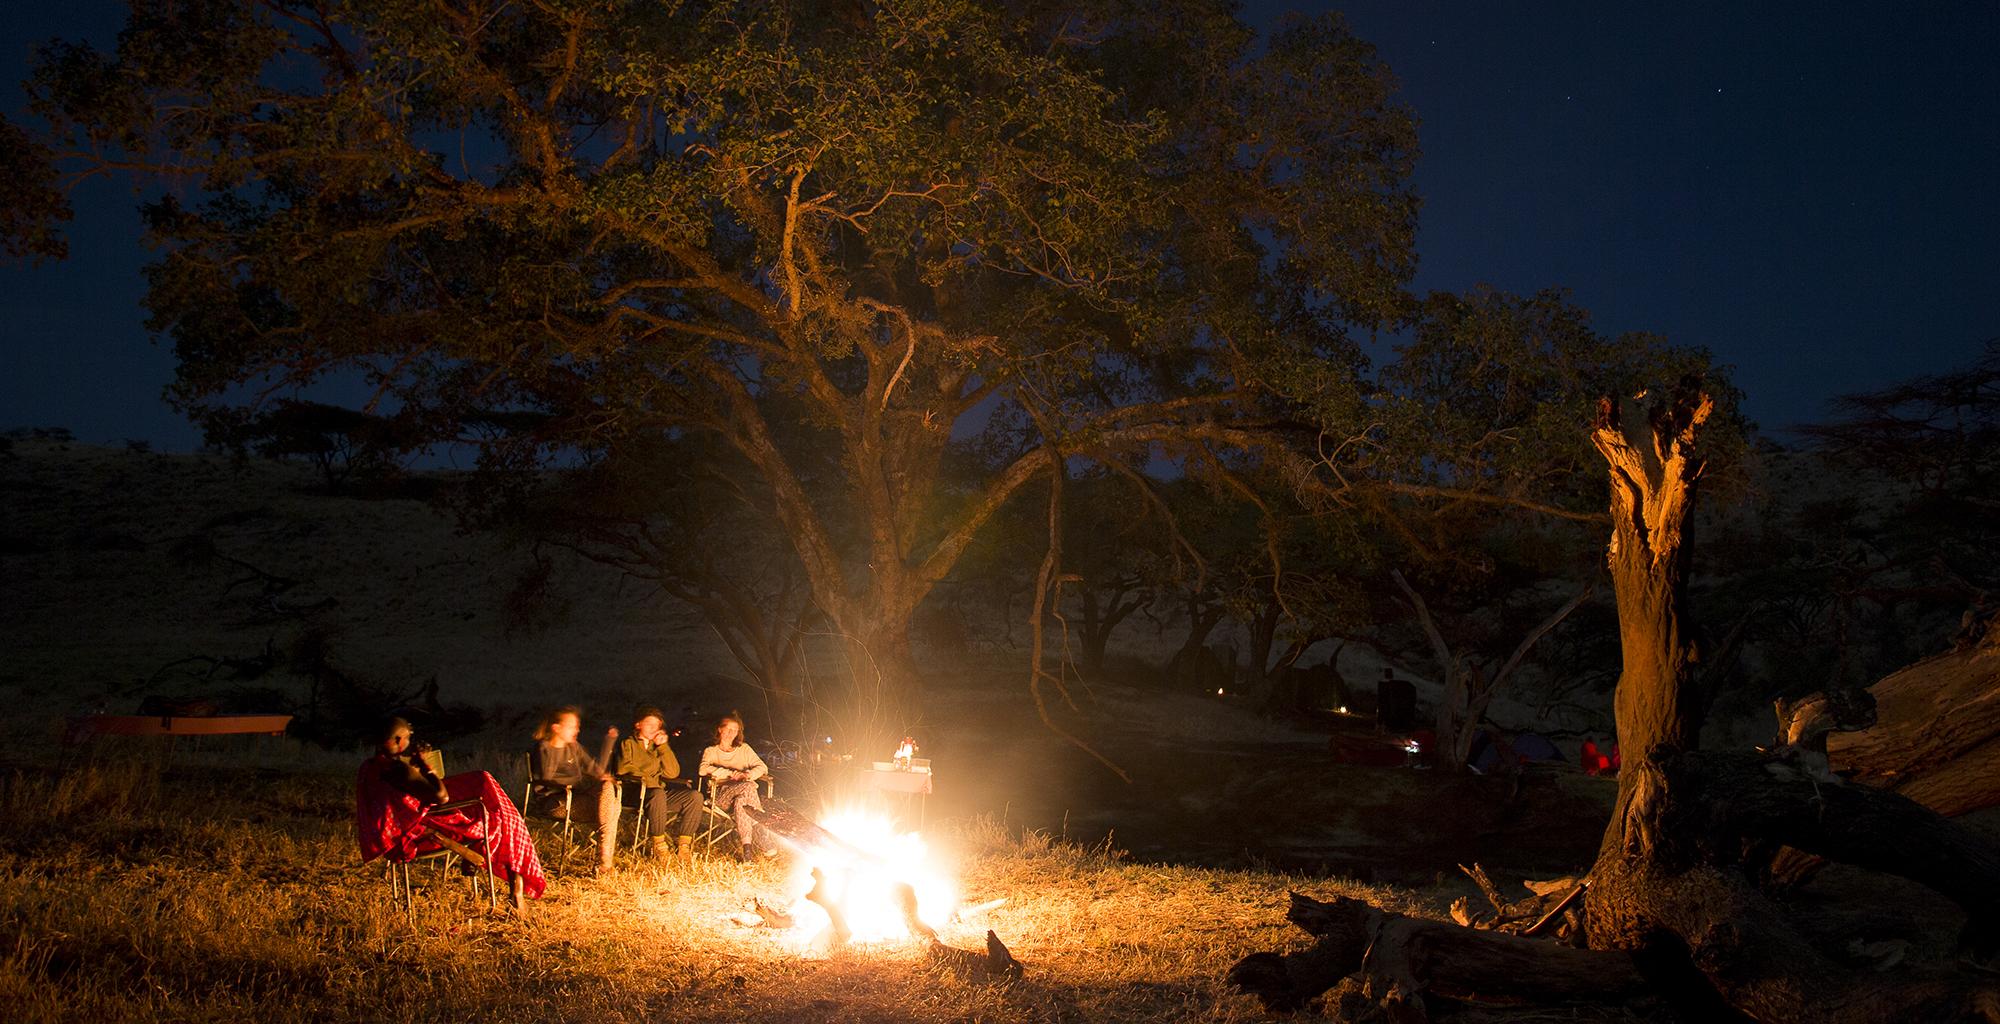 Kenya-Walking-Wild-Campfire